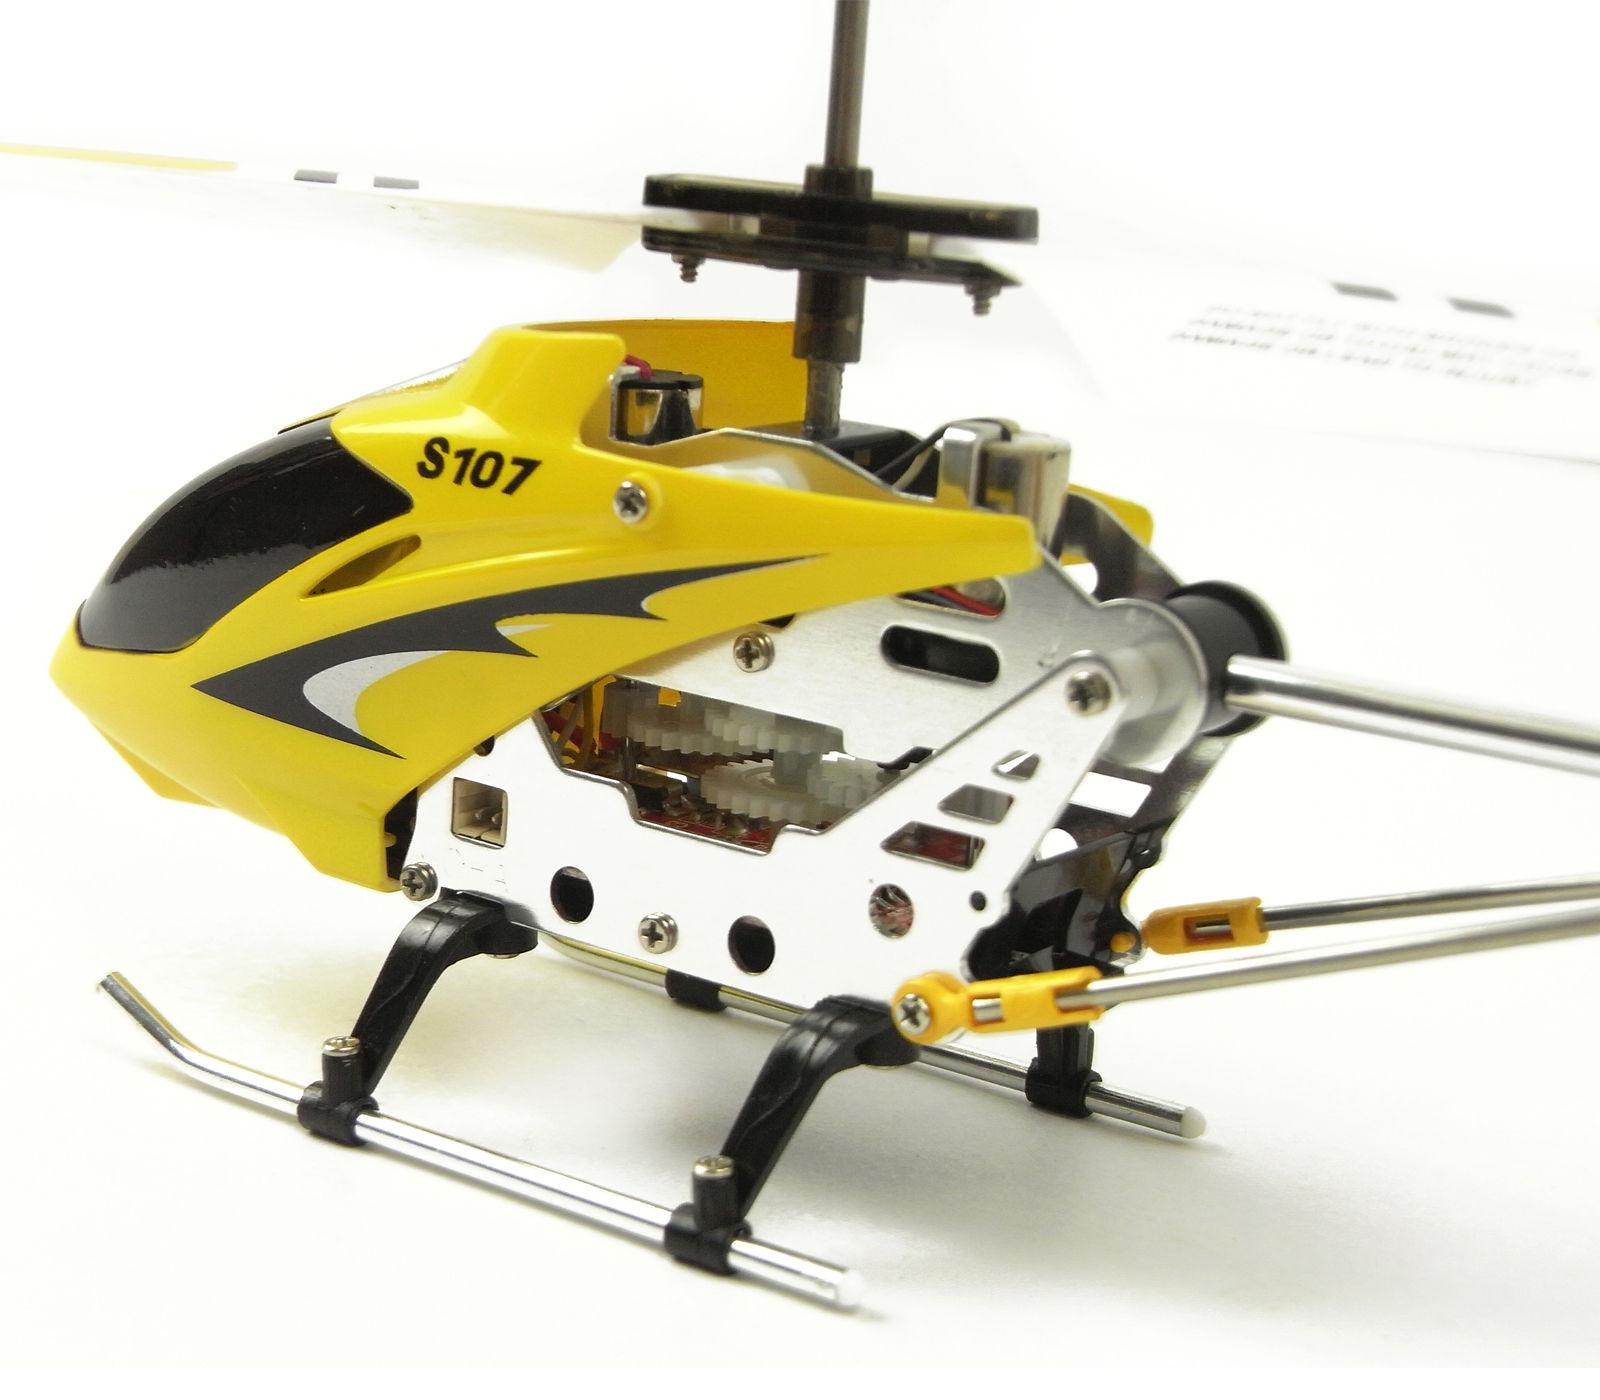 Cheerwing S107 S107g 3ch 3 5ch Mini Alloy Remote Control